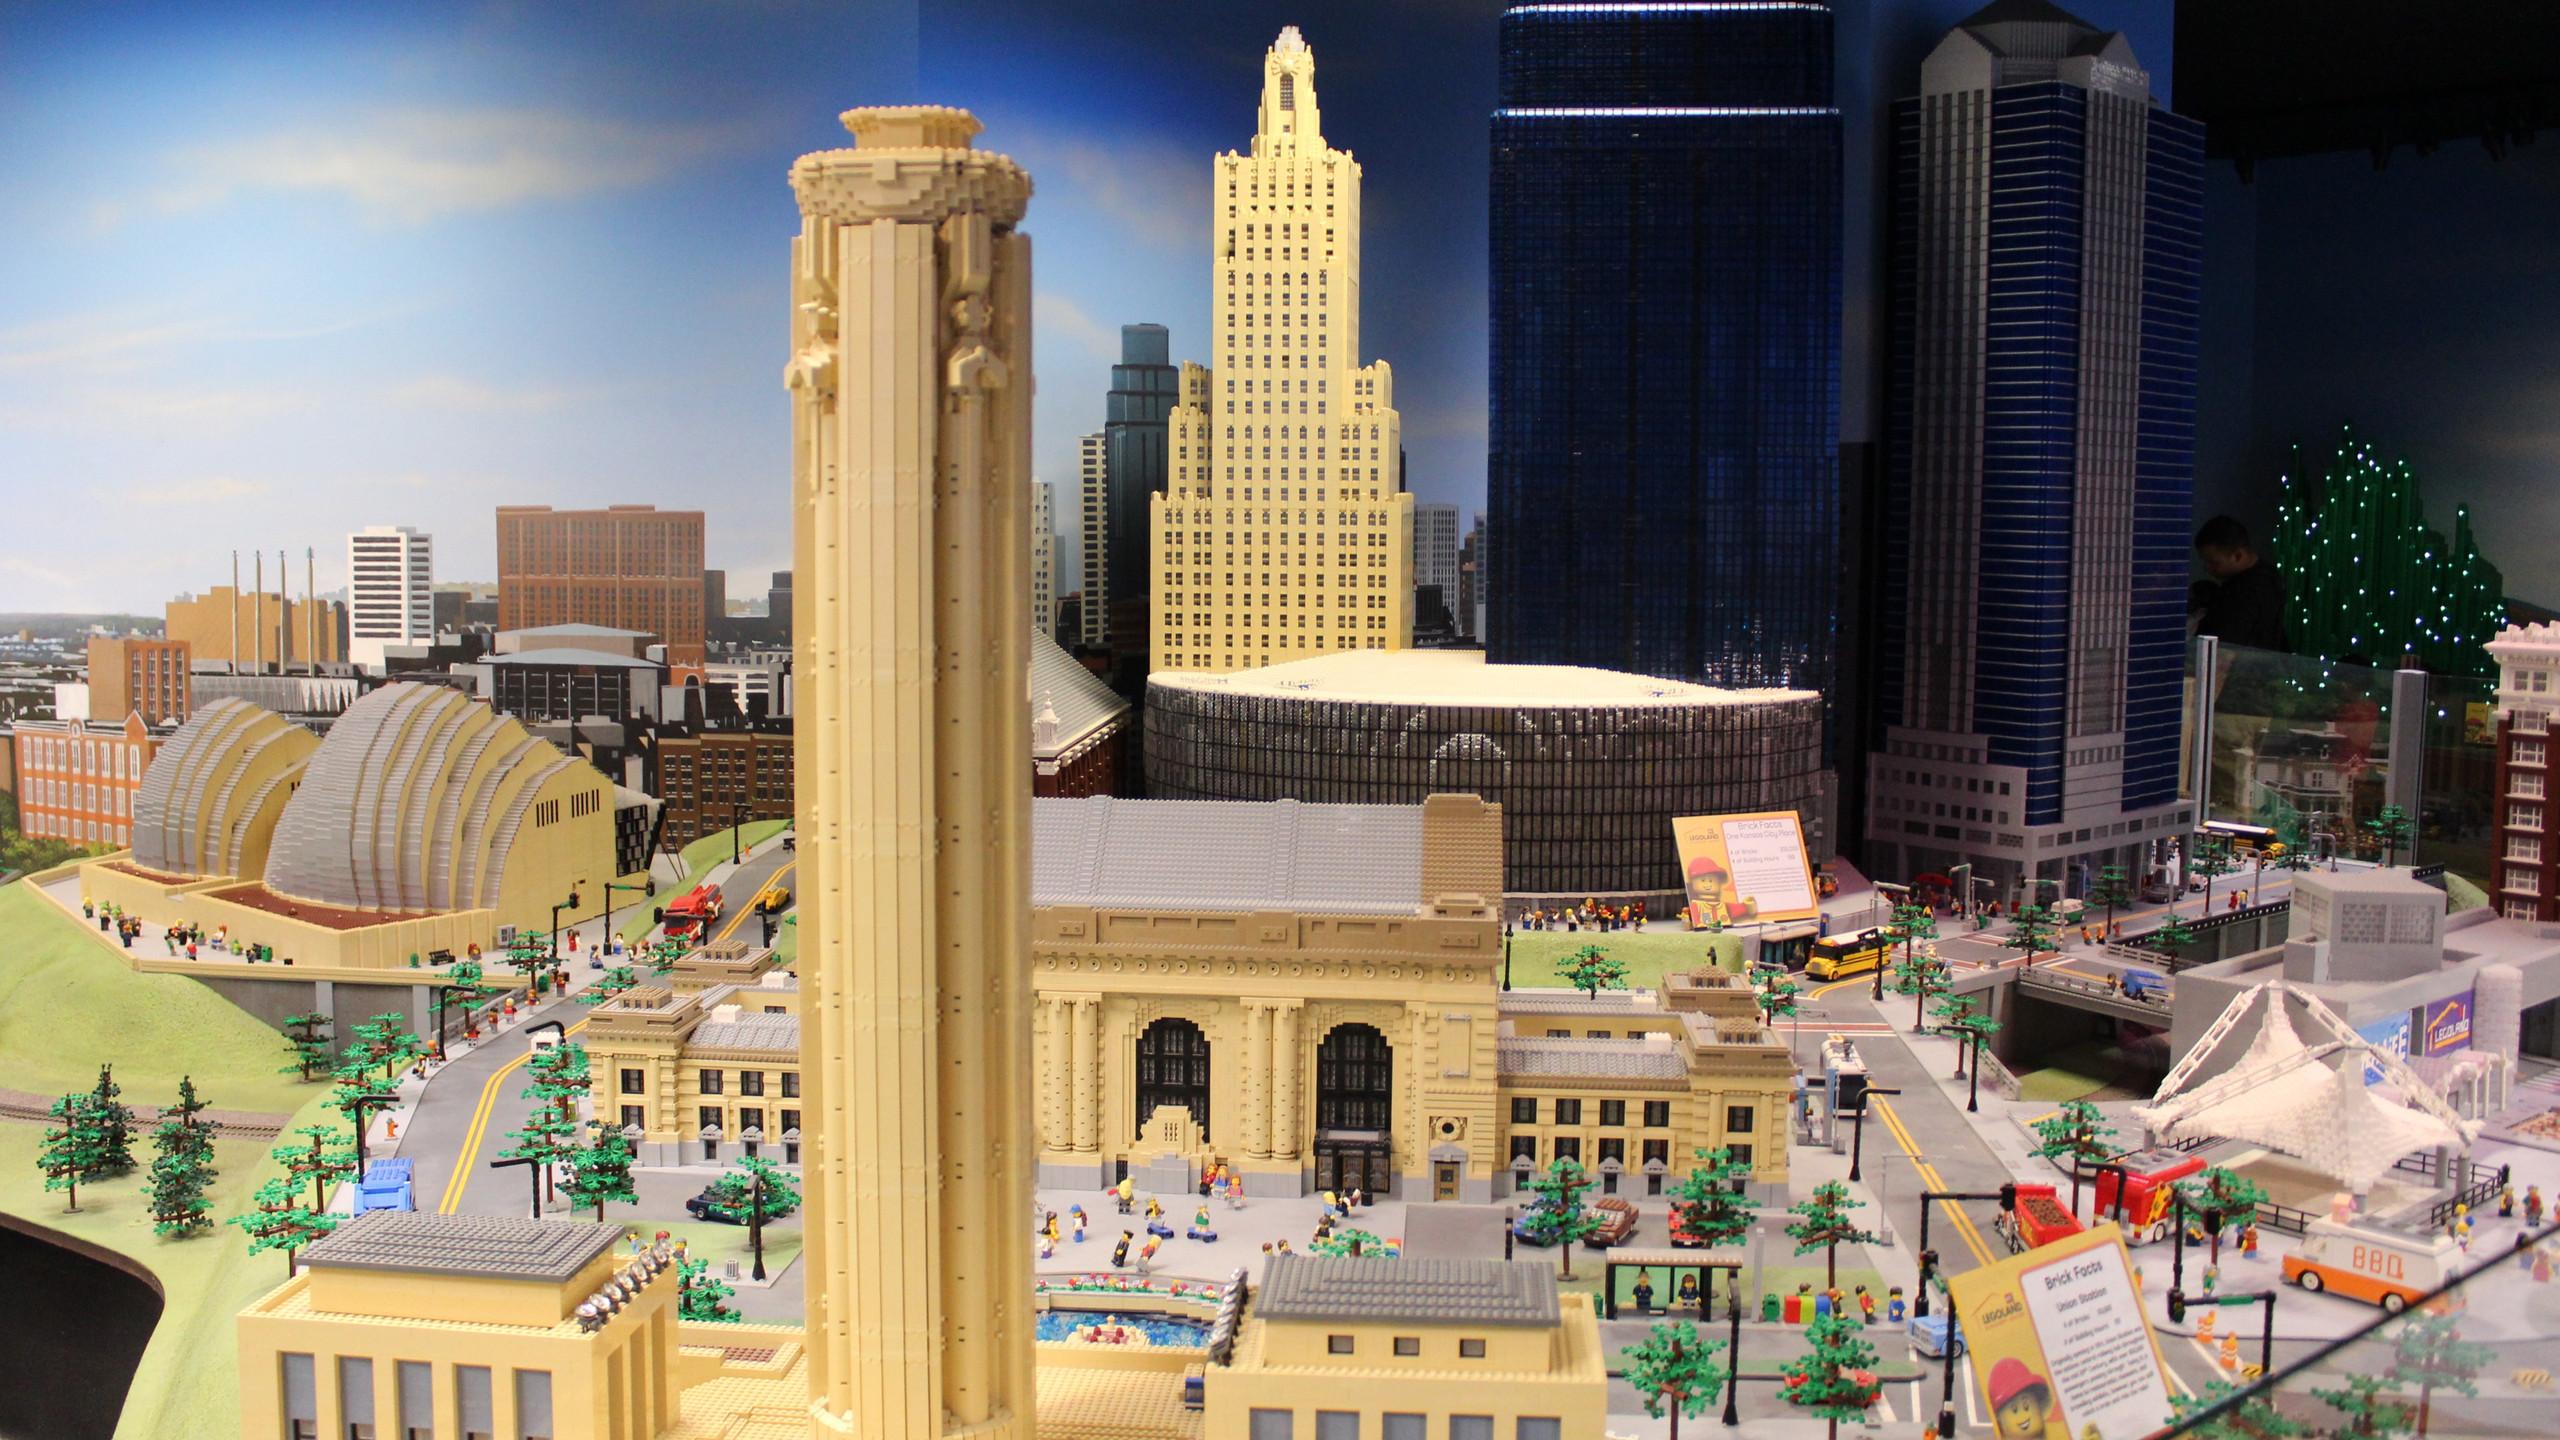 Kansas City MINILAND at the LEGOLAND Discovery Center in Kansas City